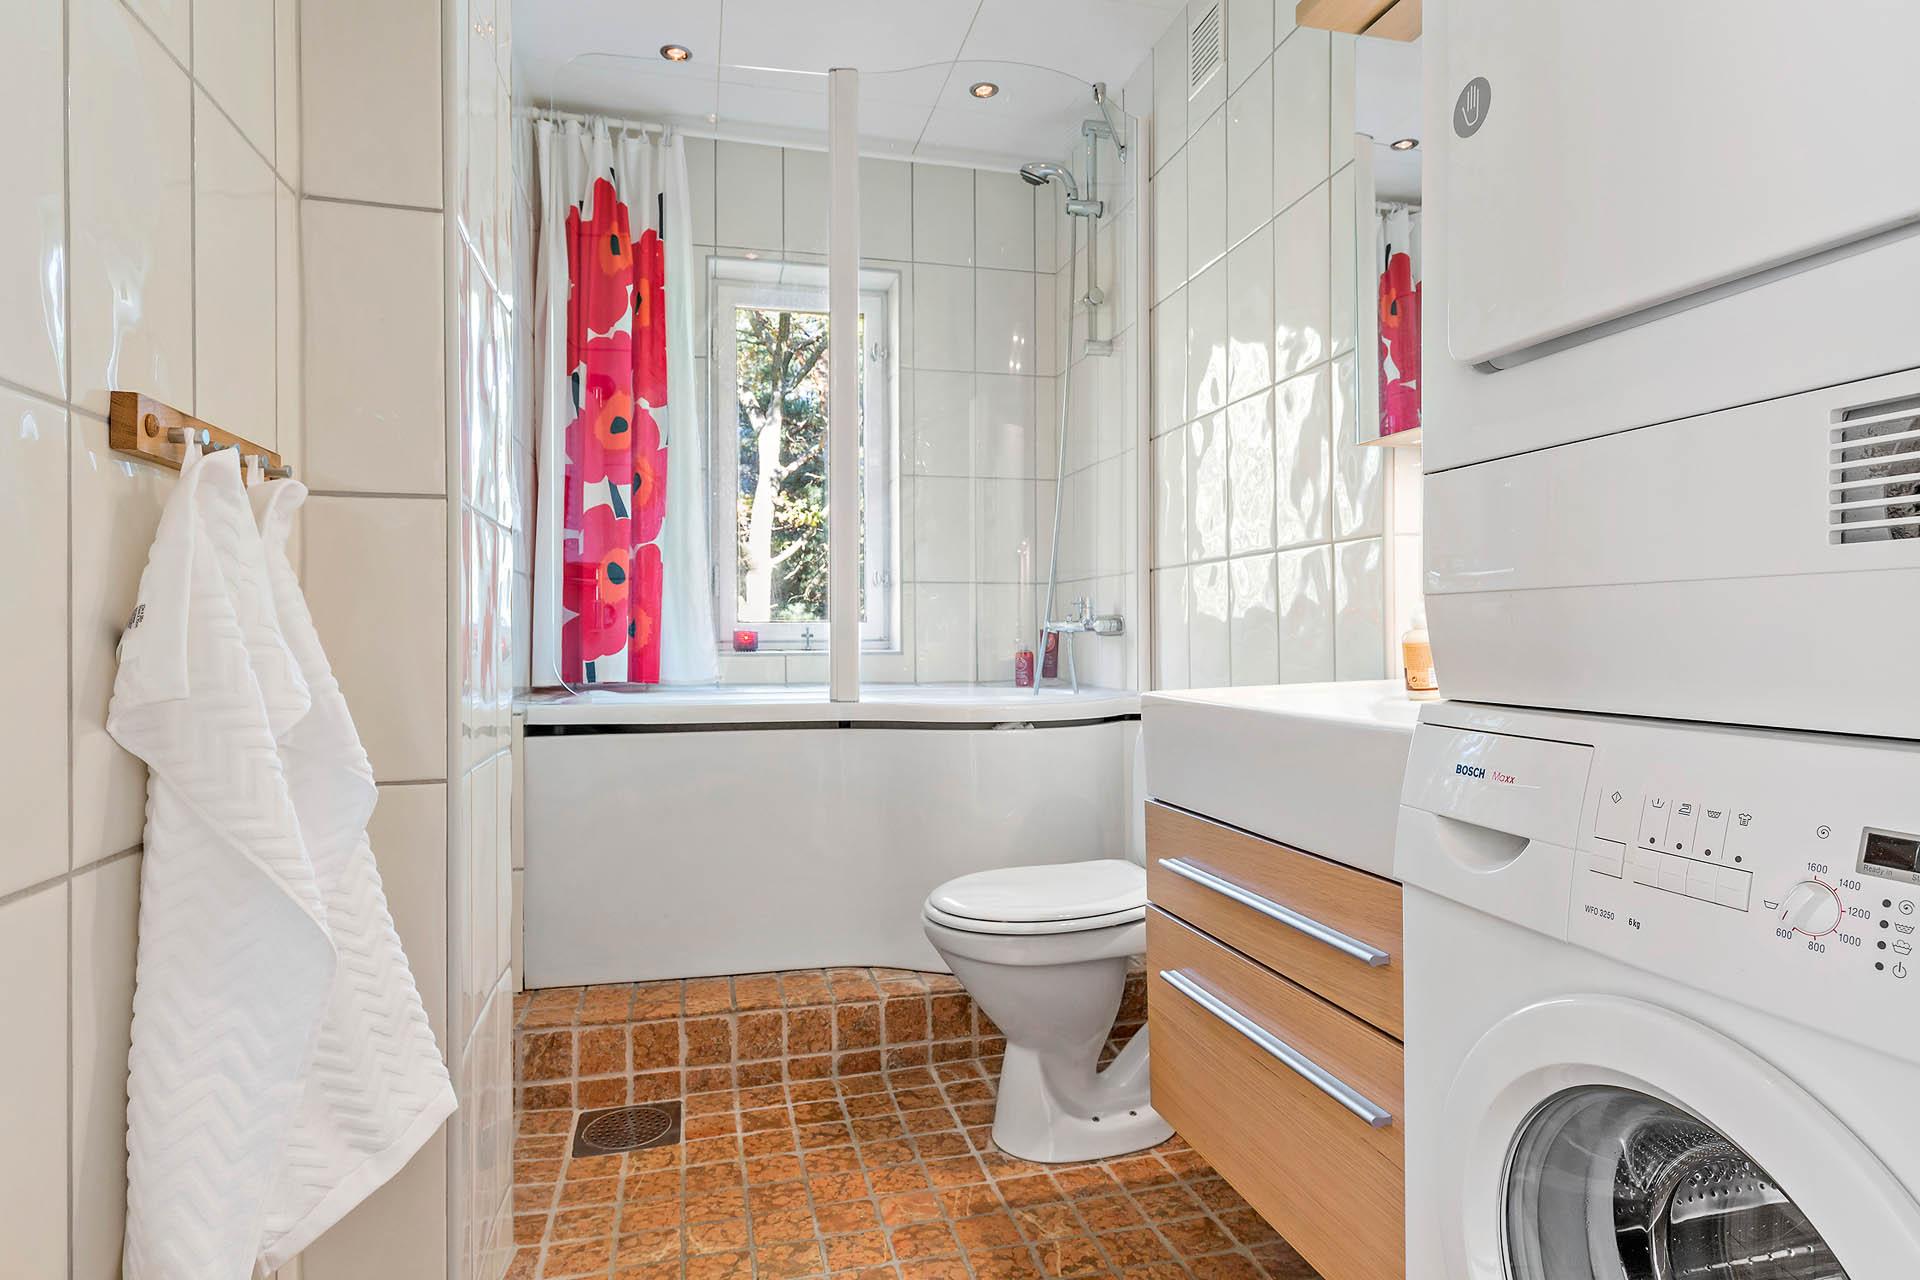 Helkaklat badrum med golvvärme och badkar.